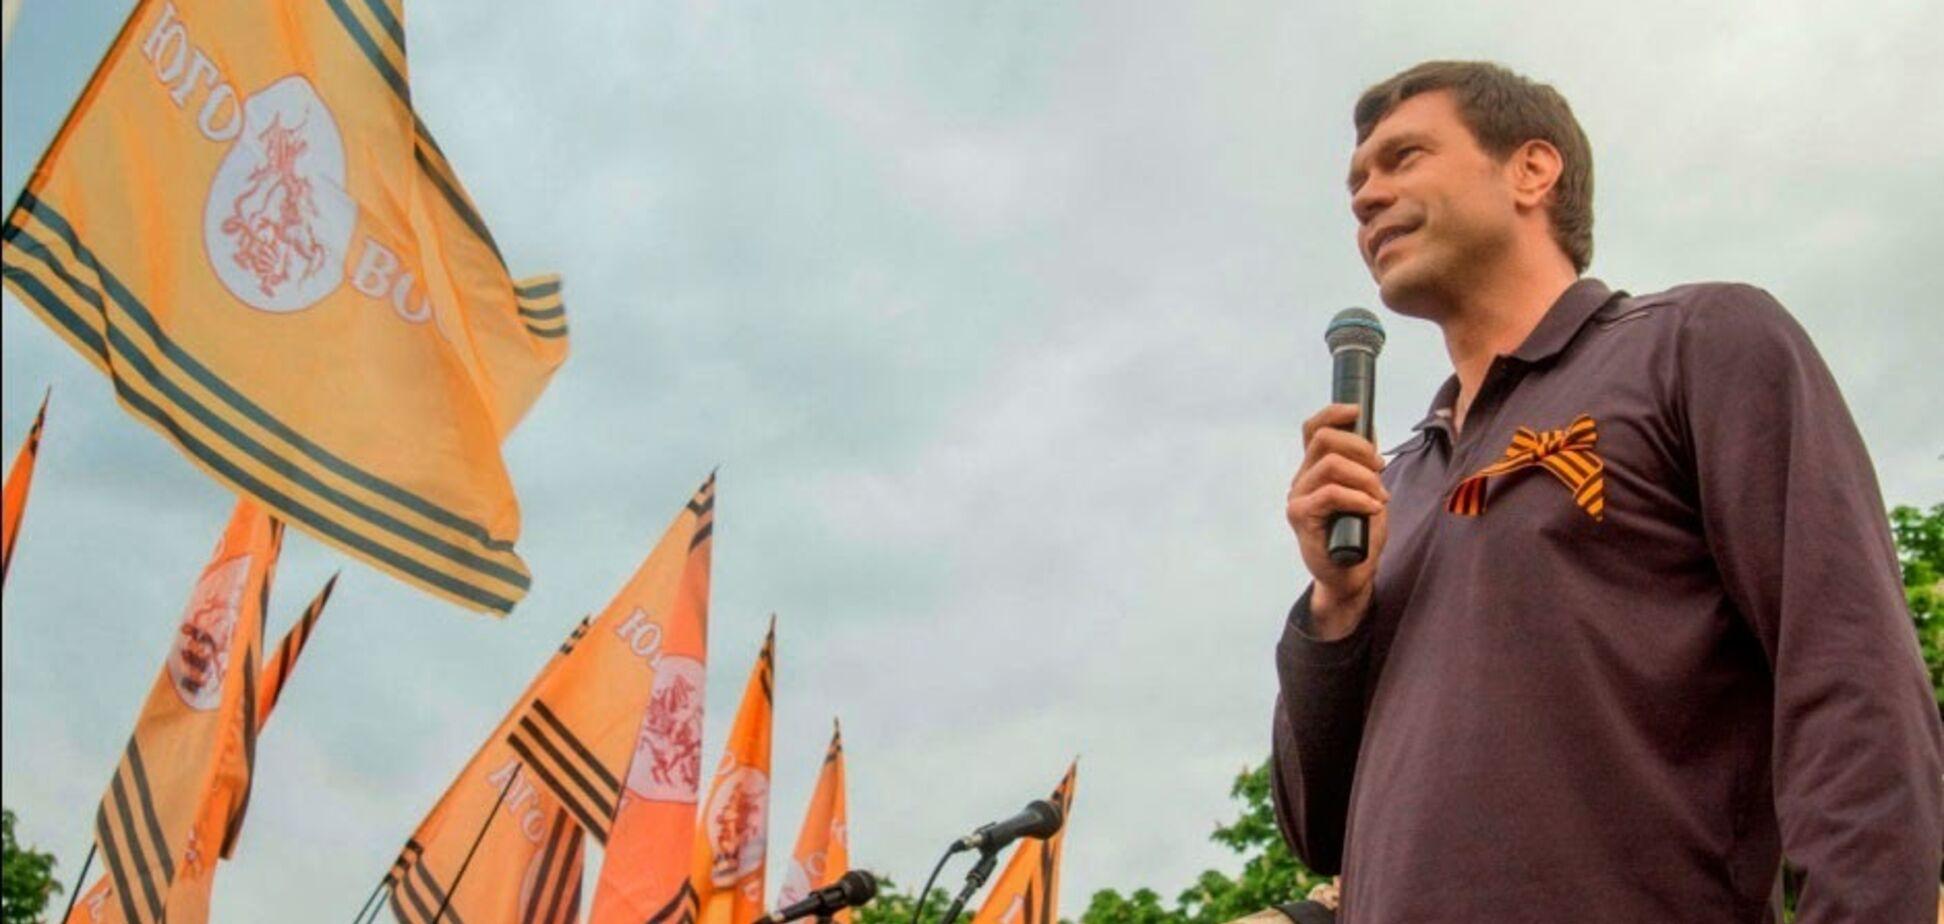 Перший заступник Пригунова Святослав Олійник був адвокатом Царьова: заява одіозного регіонала